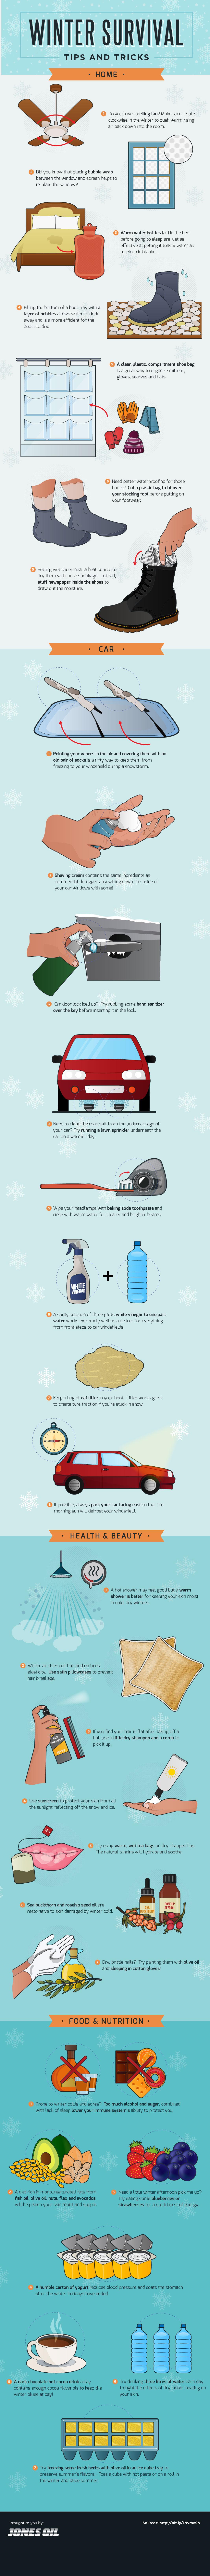 Winter Survival Hacks